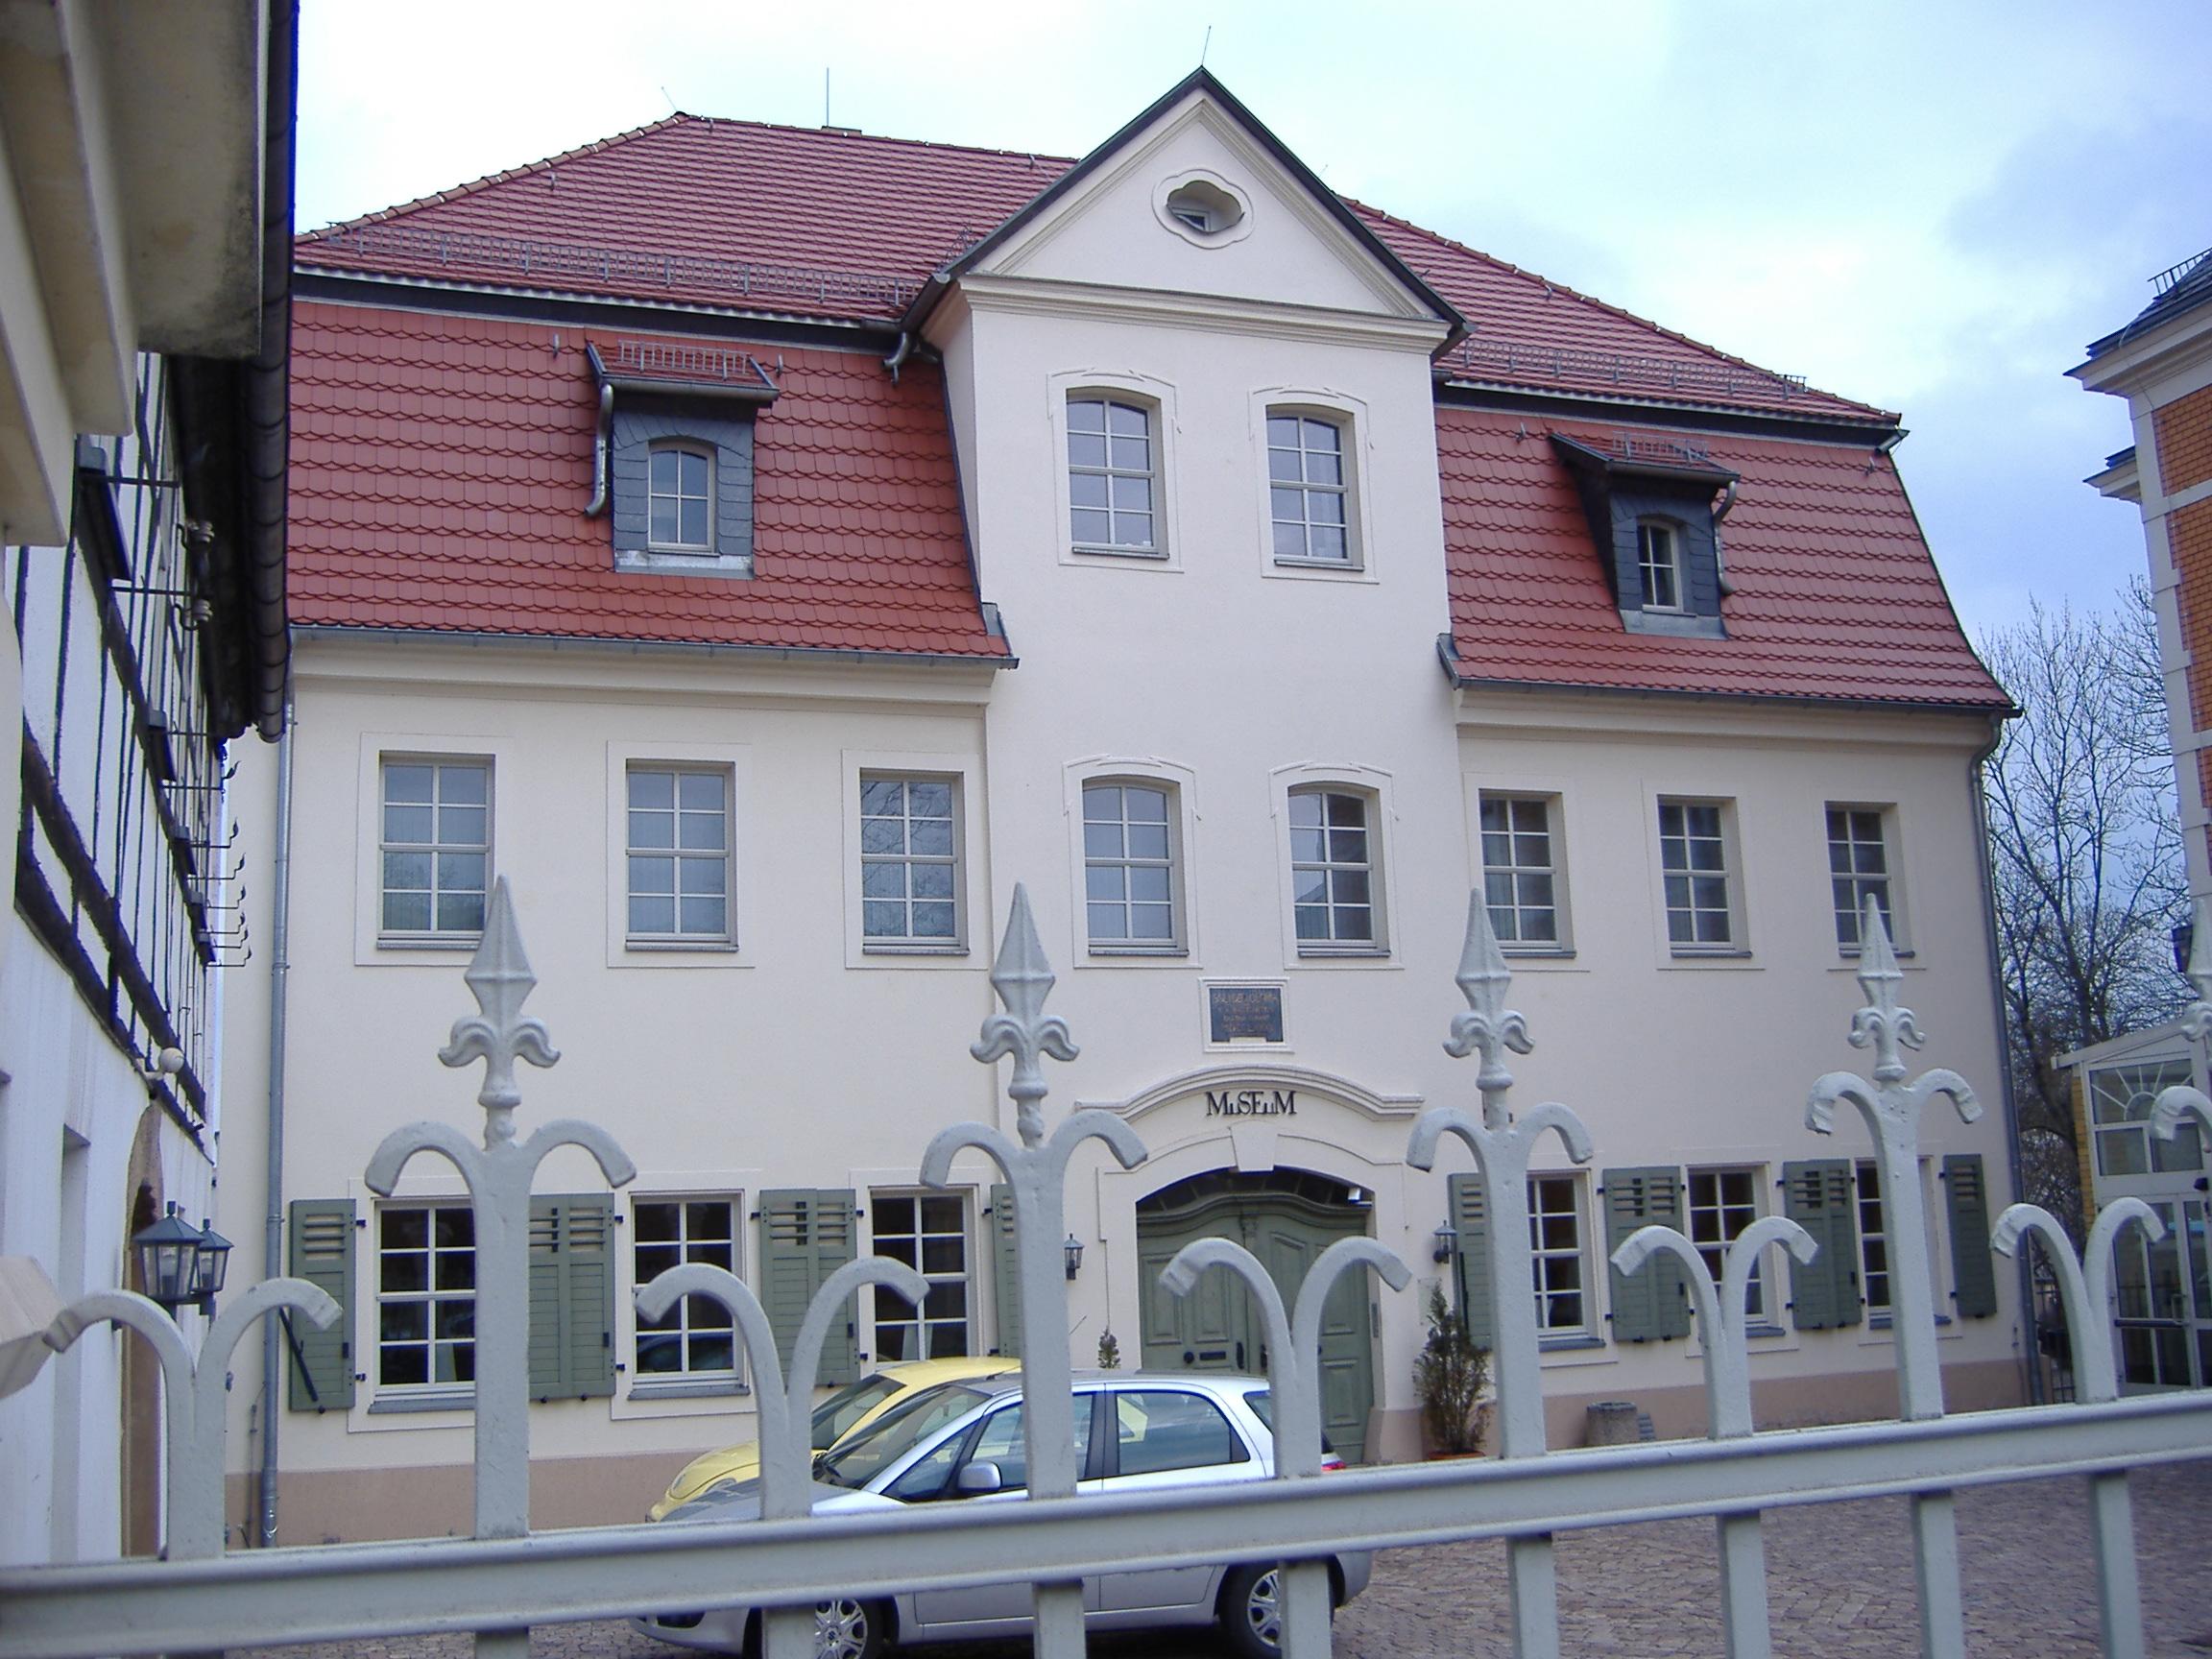 Bild von Zwickau (Landkreis): Stadtmuseum Werdau